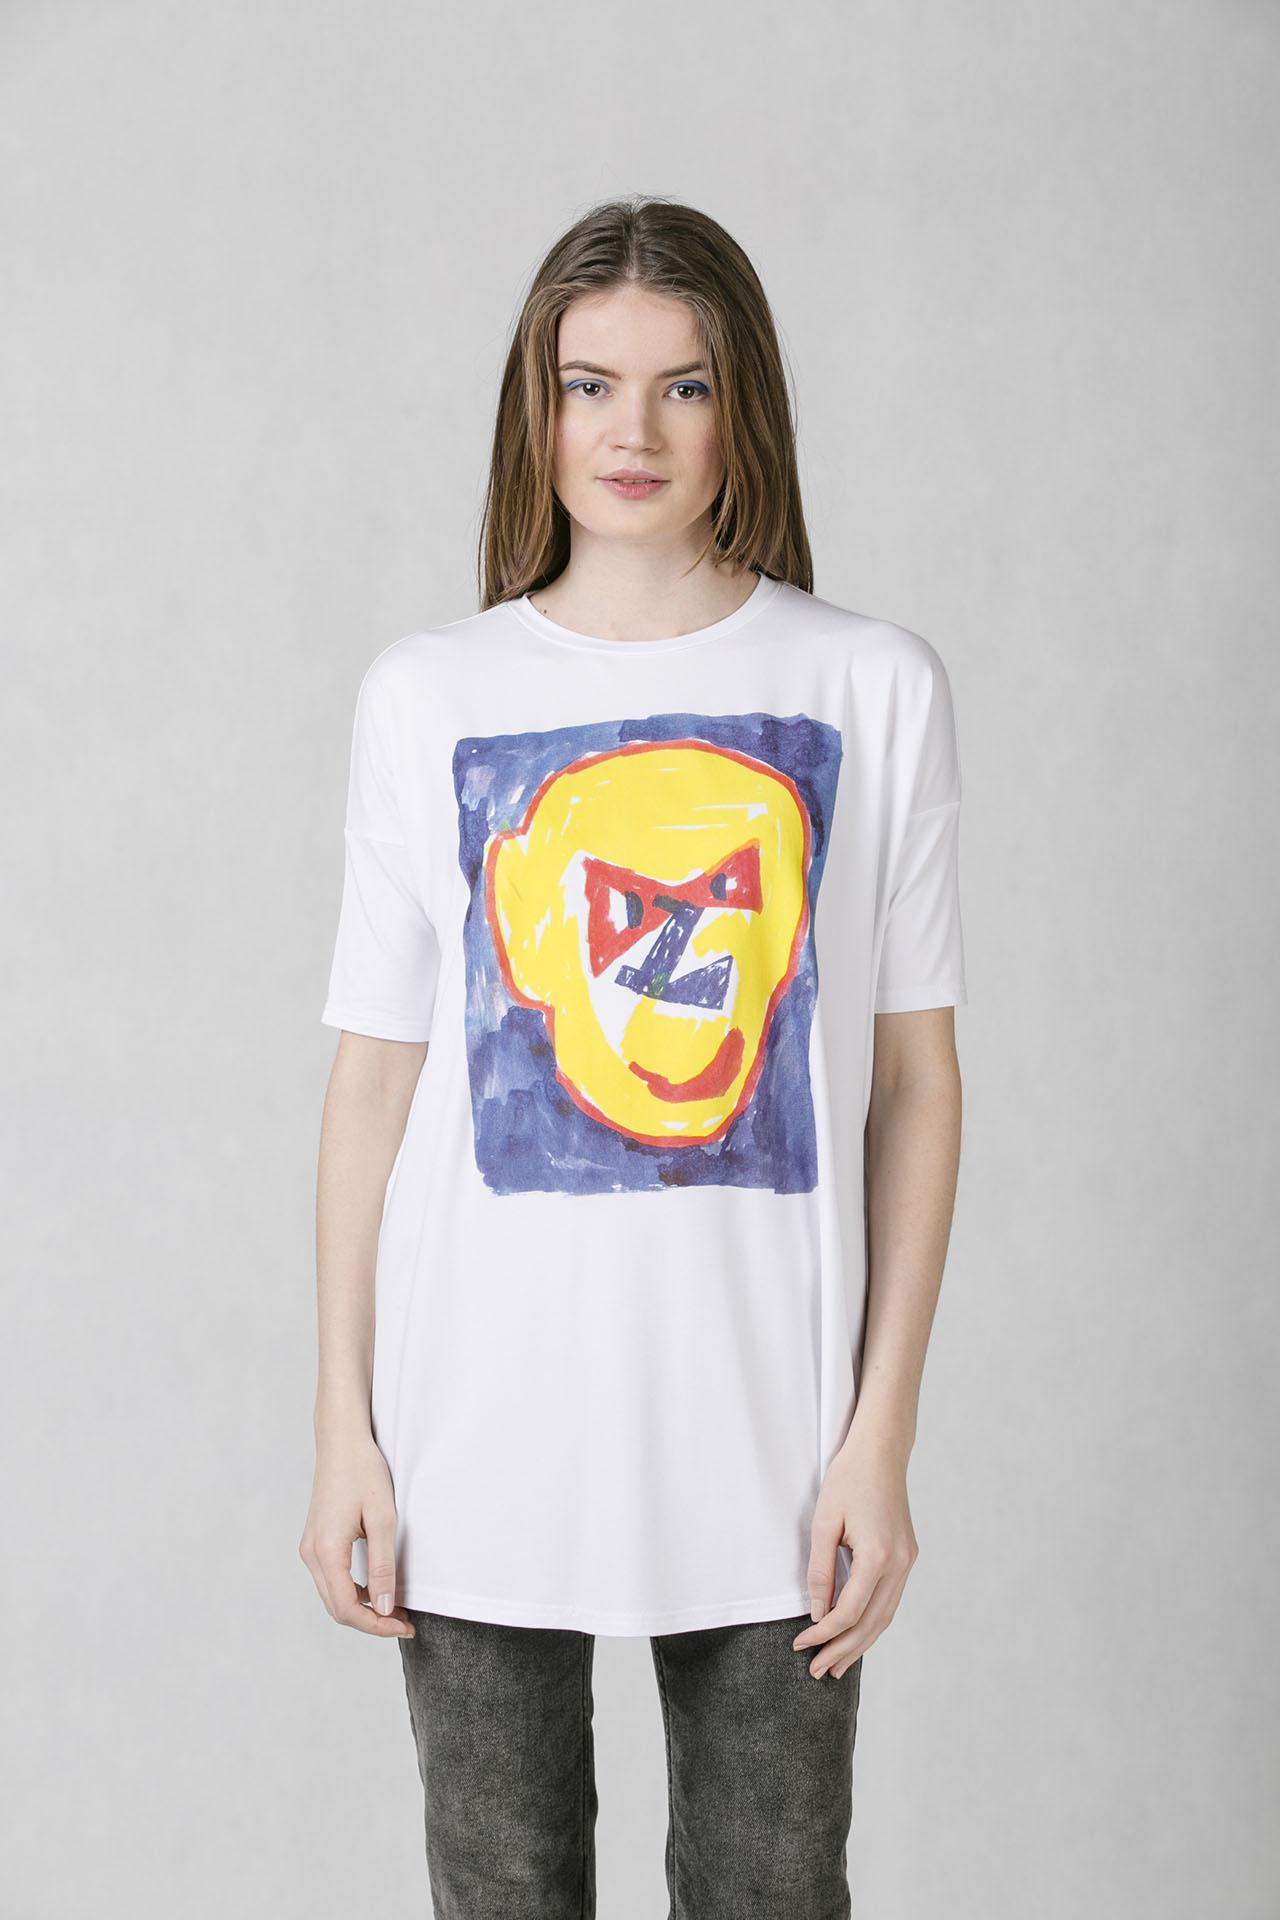 ONEDAY T-shirt girlfriend LIDLMAN . Dámské tričko v prodloužené délce s  originálním barevným akvarelovým potiskem od Víta Svobody ... daa1e720ce